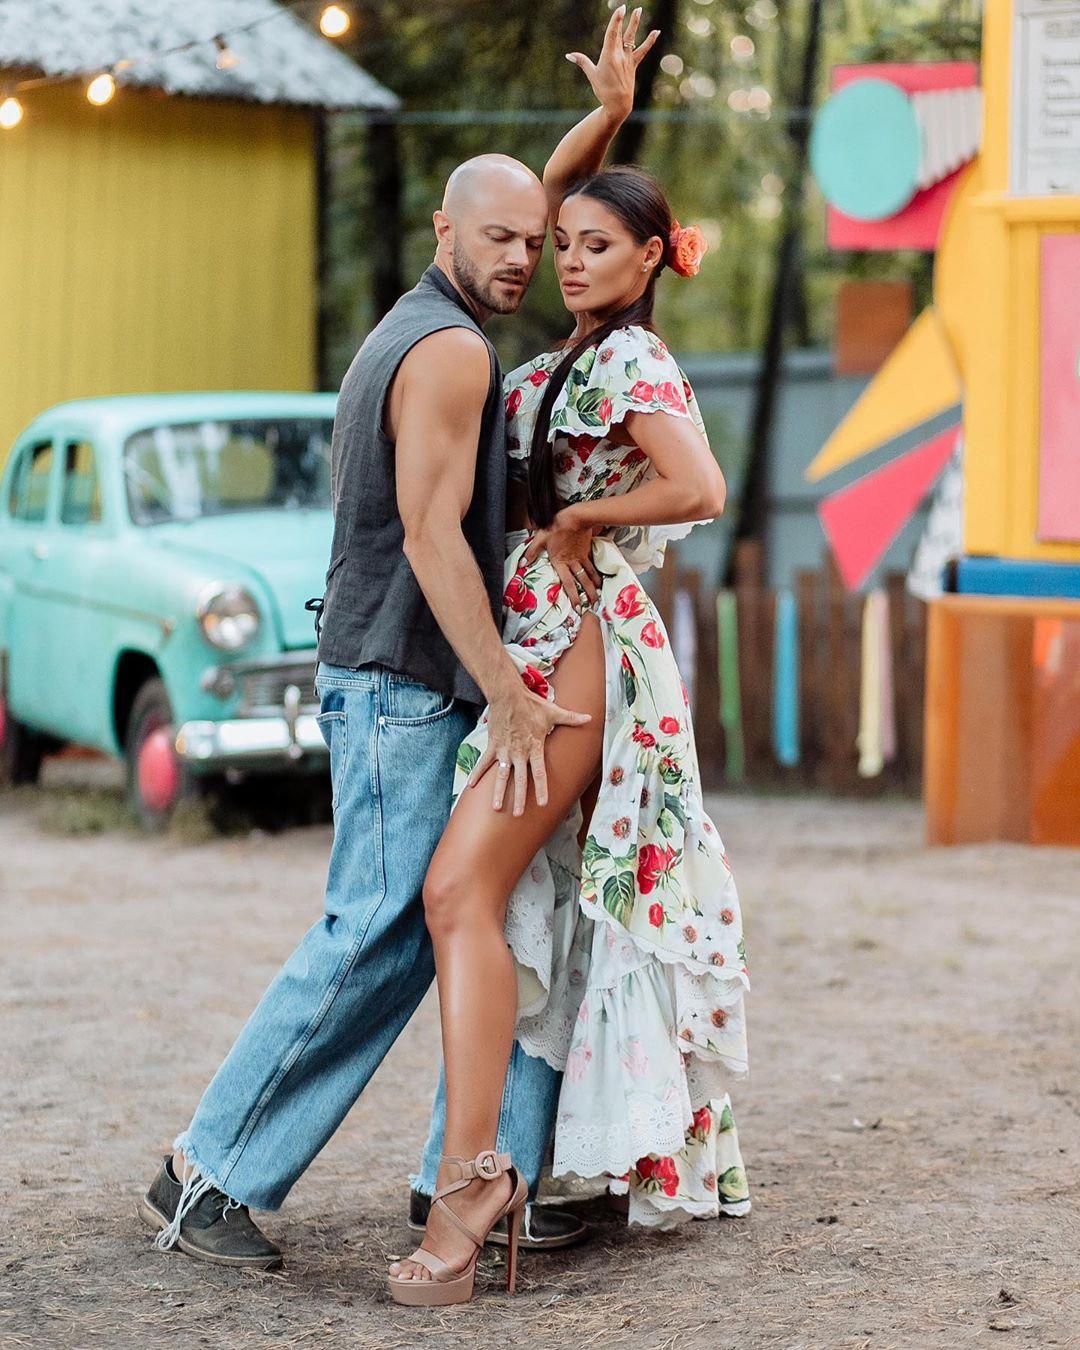 Влад Яма з дружиною запалили Мережу пристрасним танцем: кохання і ніжність в кожному русі